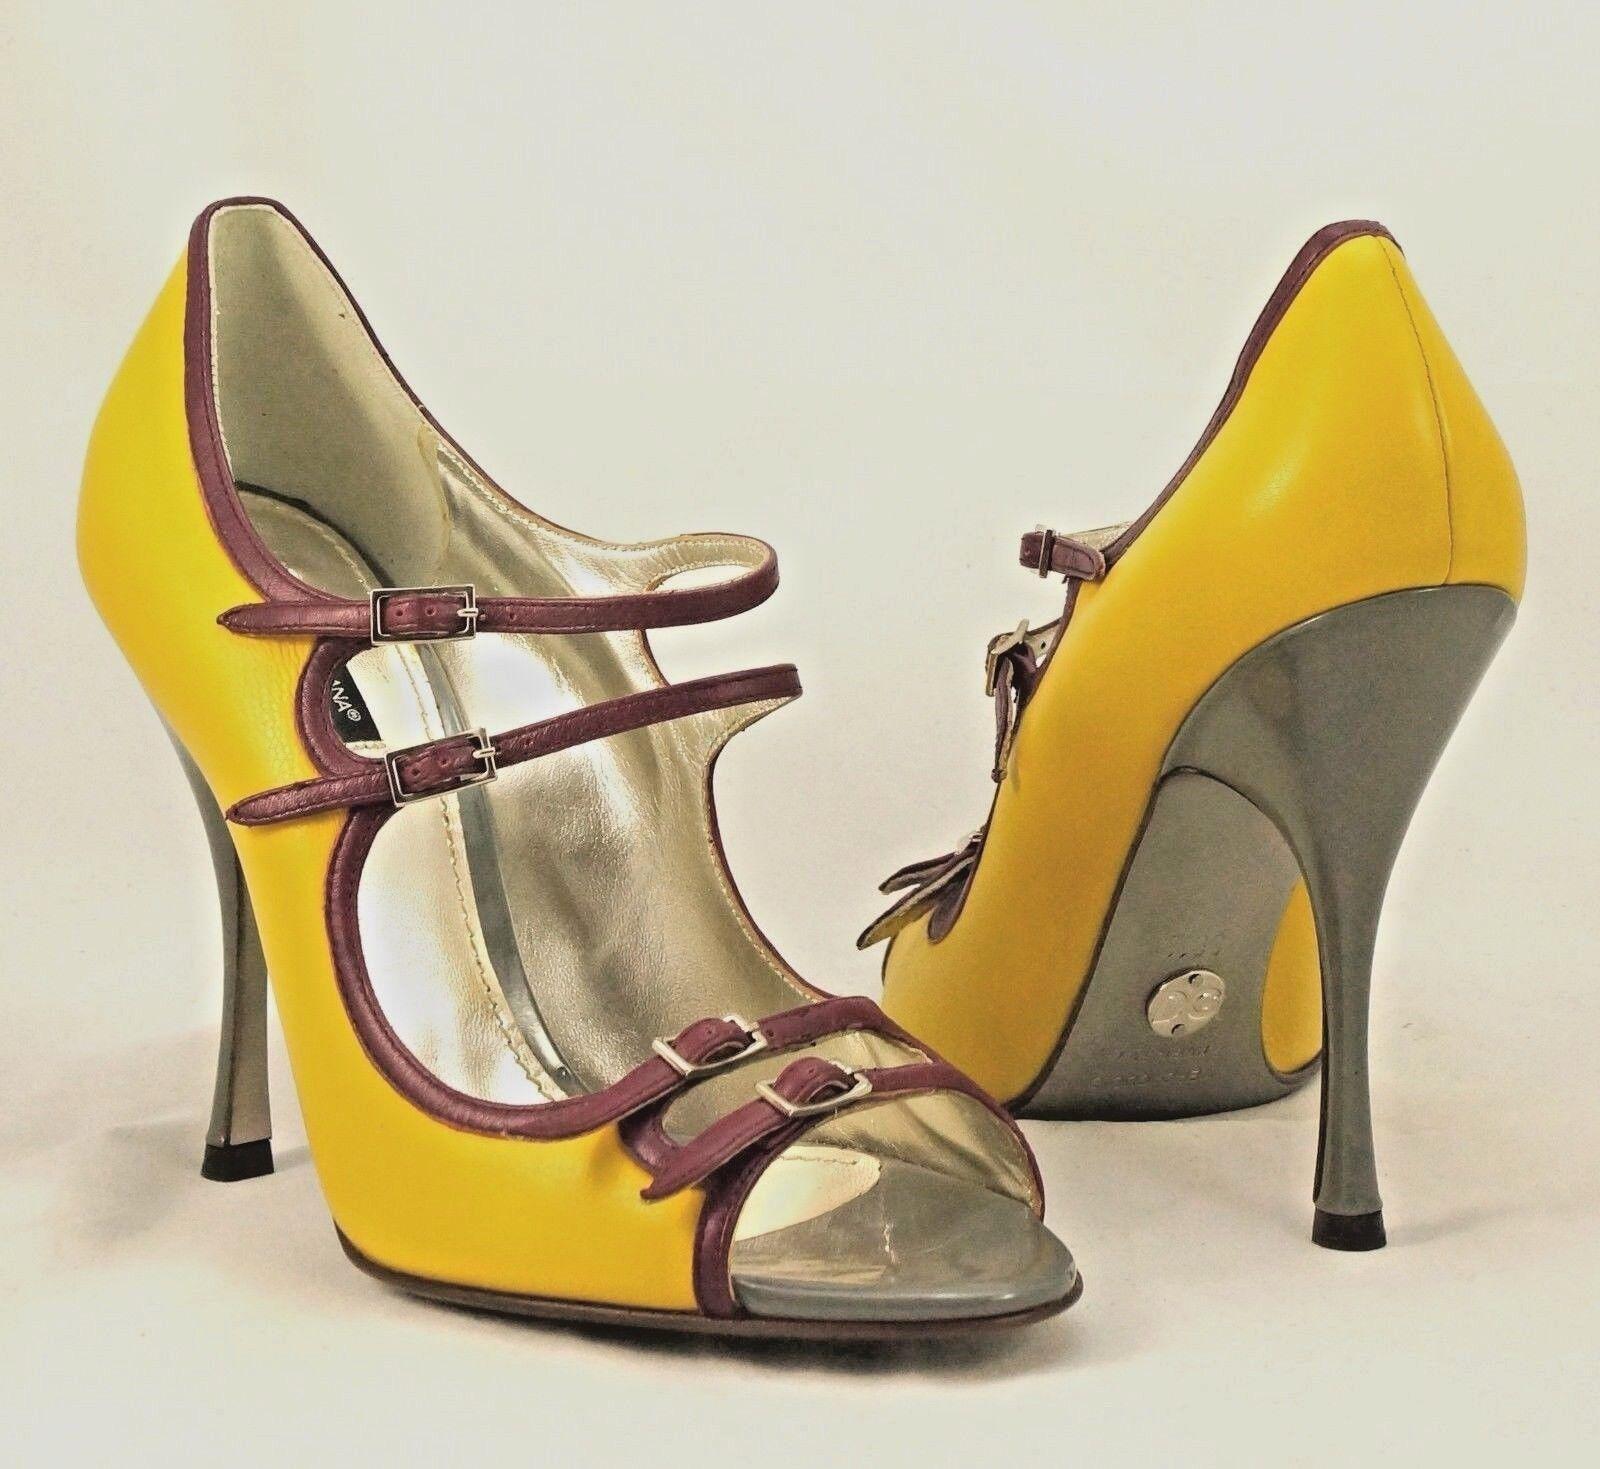 DOLCE & GABBANA Multi-Color Mary Jane Colorblock Multi-Color GABBANA Strappy High Heel Open Toe 39.5 45c1b0